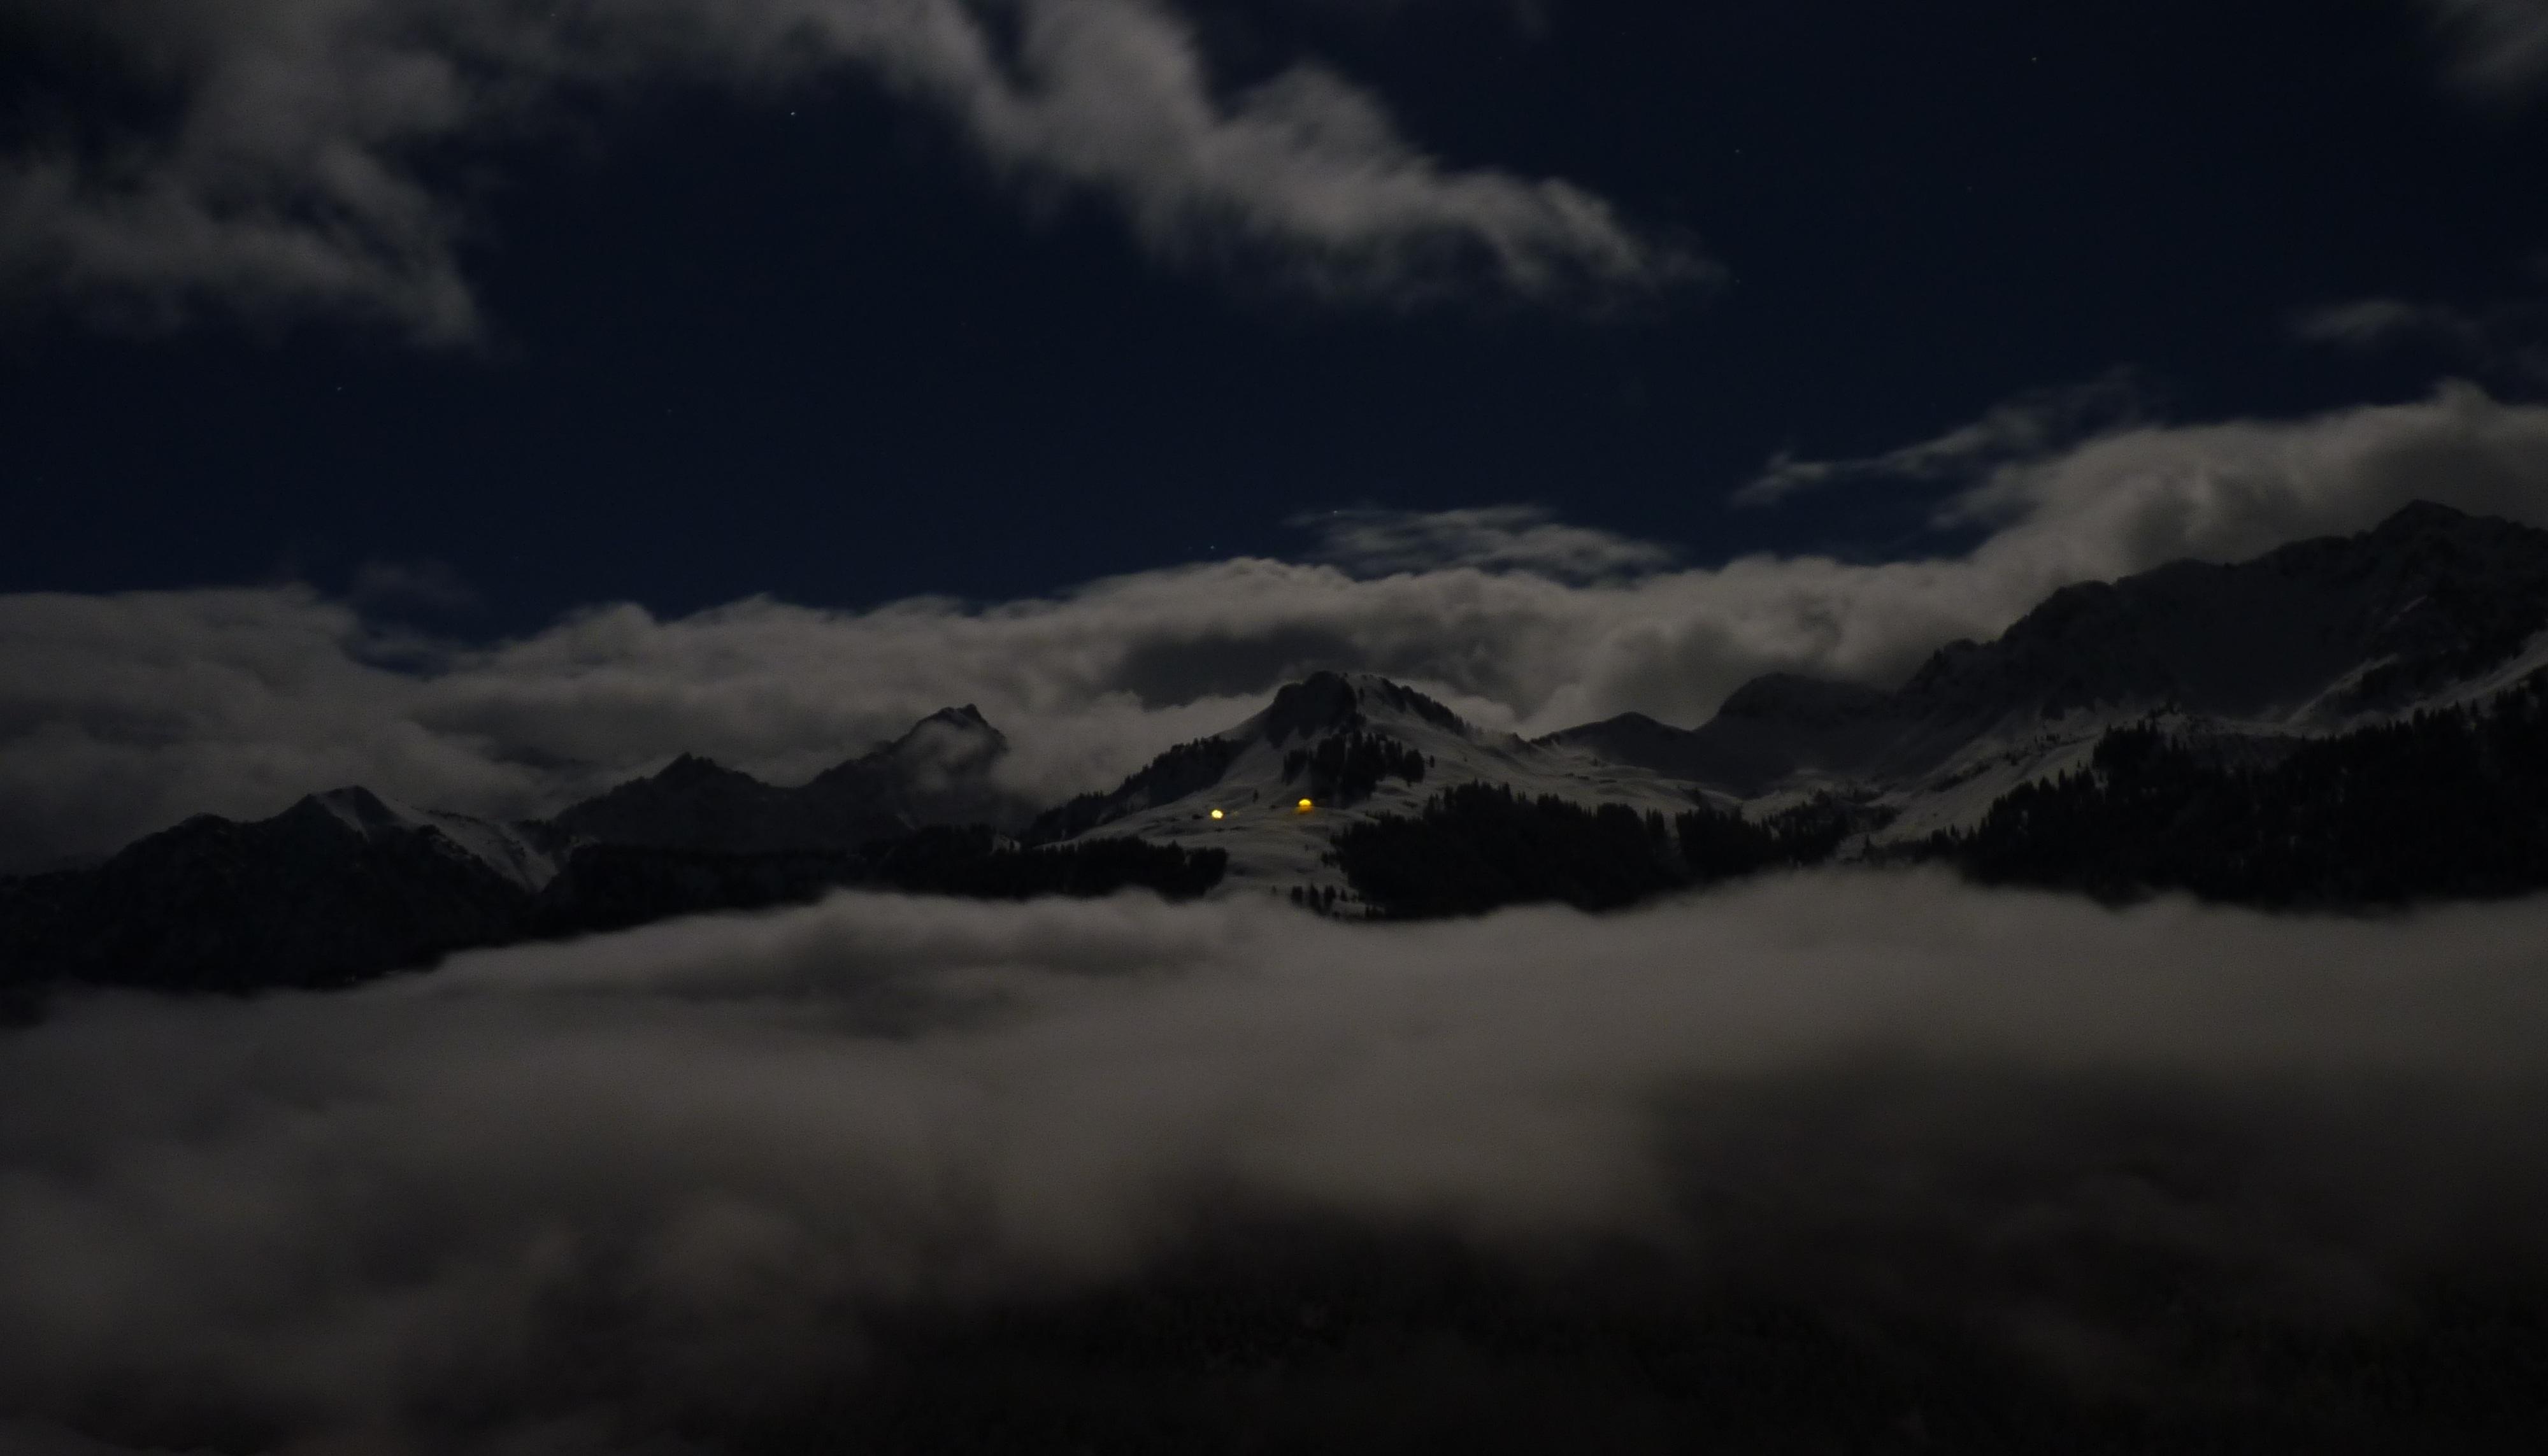 мрачные ночные горы картинки обещают мэрии, качество